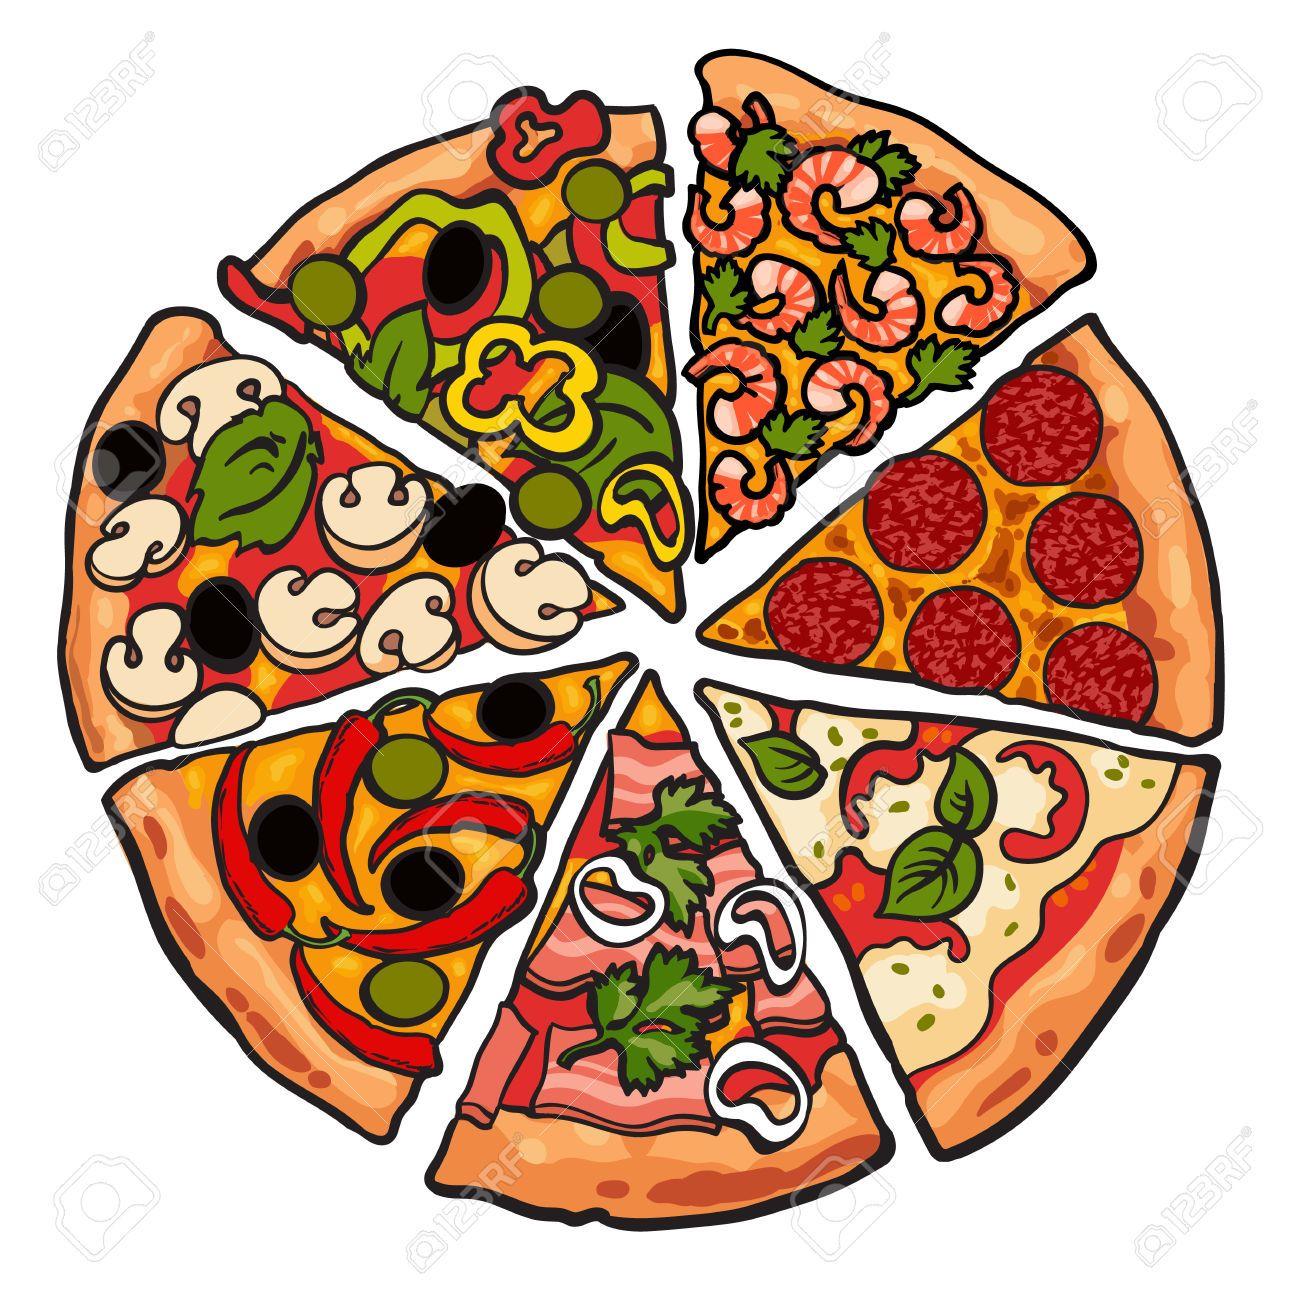 Conjunto De Piezas De Pizza Vaus Ilustracion Dibujo Vectorial De Estilo Aislados Sobre Fondo Blanco Rebanadas De Mashroom Pepperoni Pizza De Queso De Pimienta Dibujo De Pizza Fondo De Pizza Arte